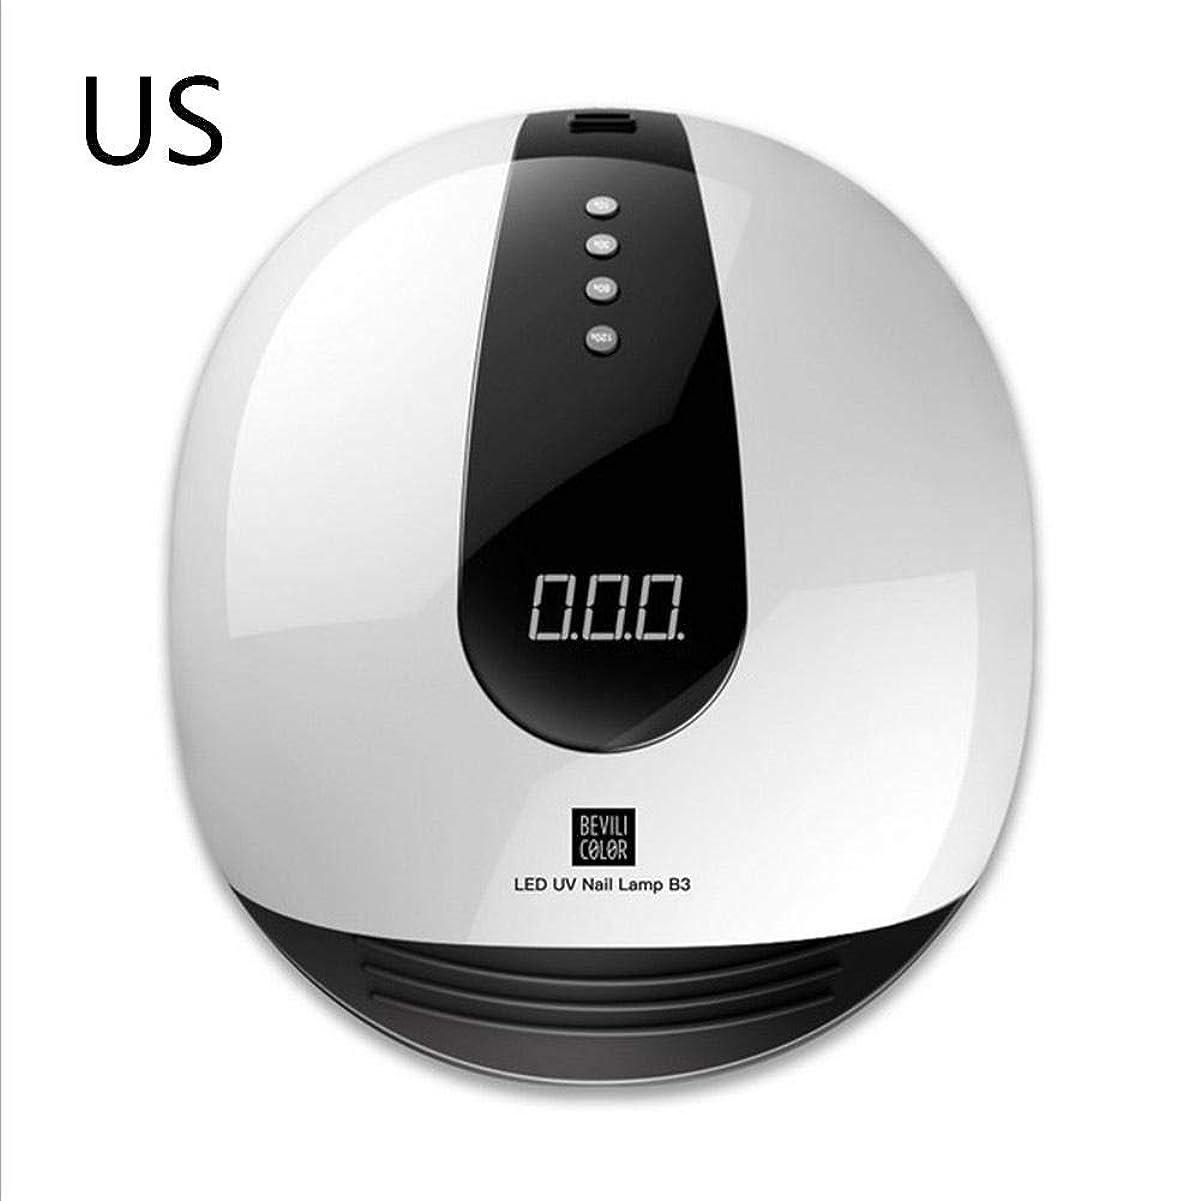 歪める四半期周囲SAILUN ネイルドライヤー ネイルセンサーライト LEDUVランプ ネイル塗装 LED UVジェル/ジェネレーター/LEDジェルの乾燥に適用 80W4タイマー設定 動的赤外線センサーシステム 操作が簡単 低発熱量 二重光源(365 + 405nm)